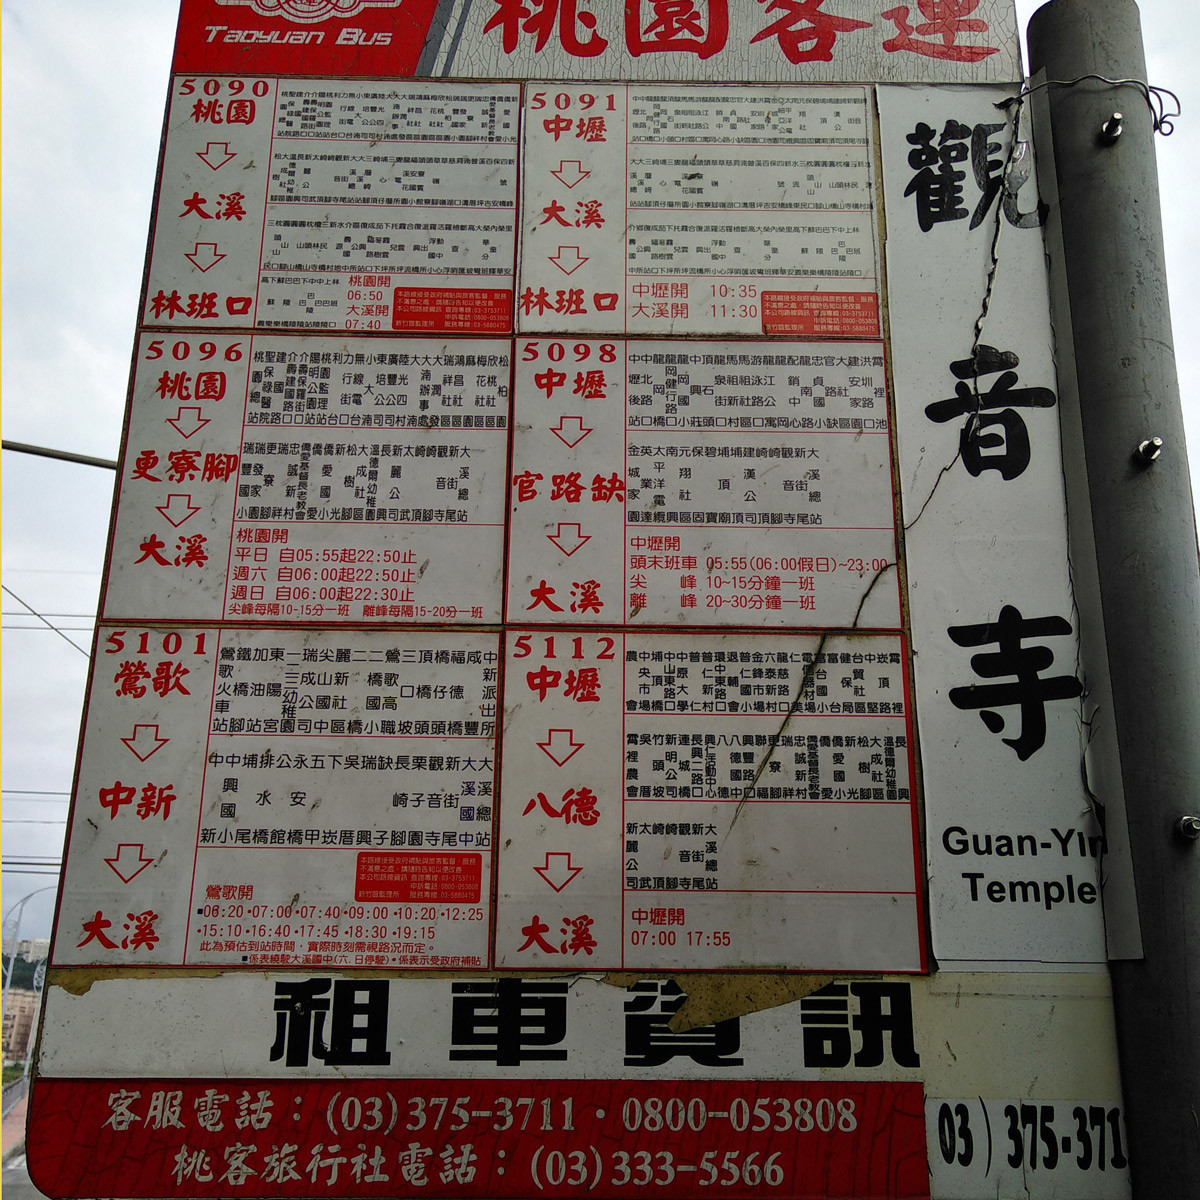 桃園客運5096路線:観音寺バス停で降りてみた